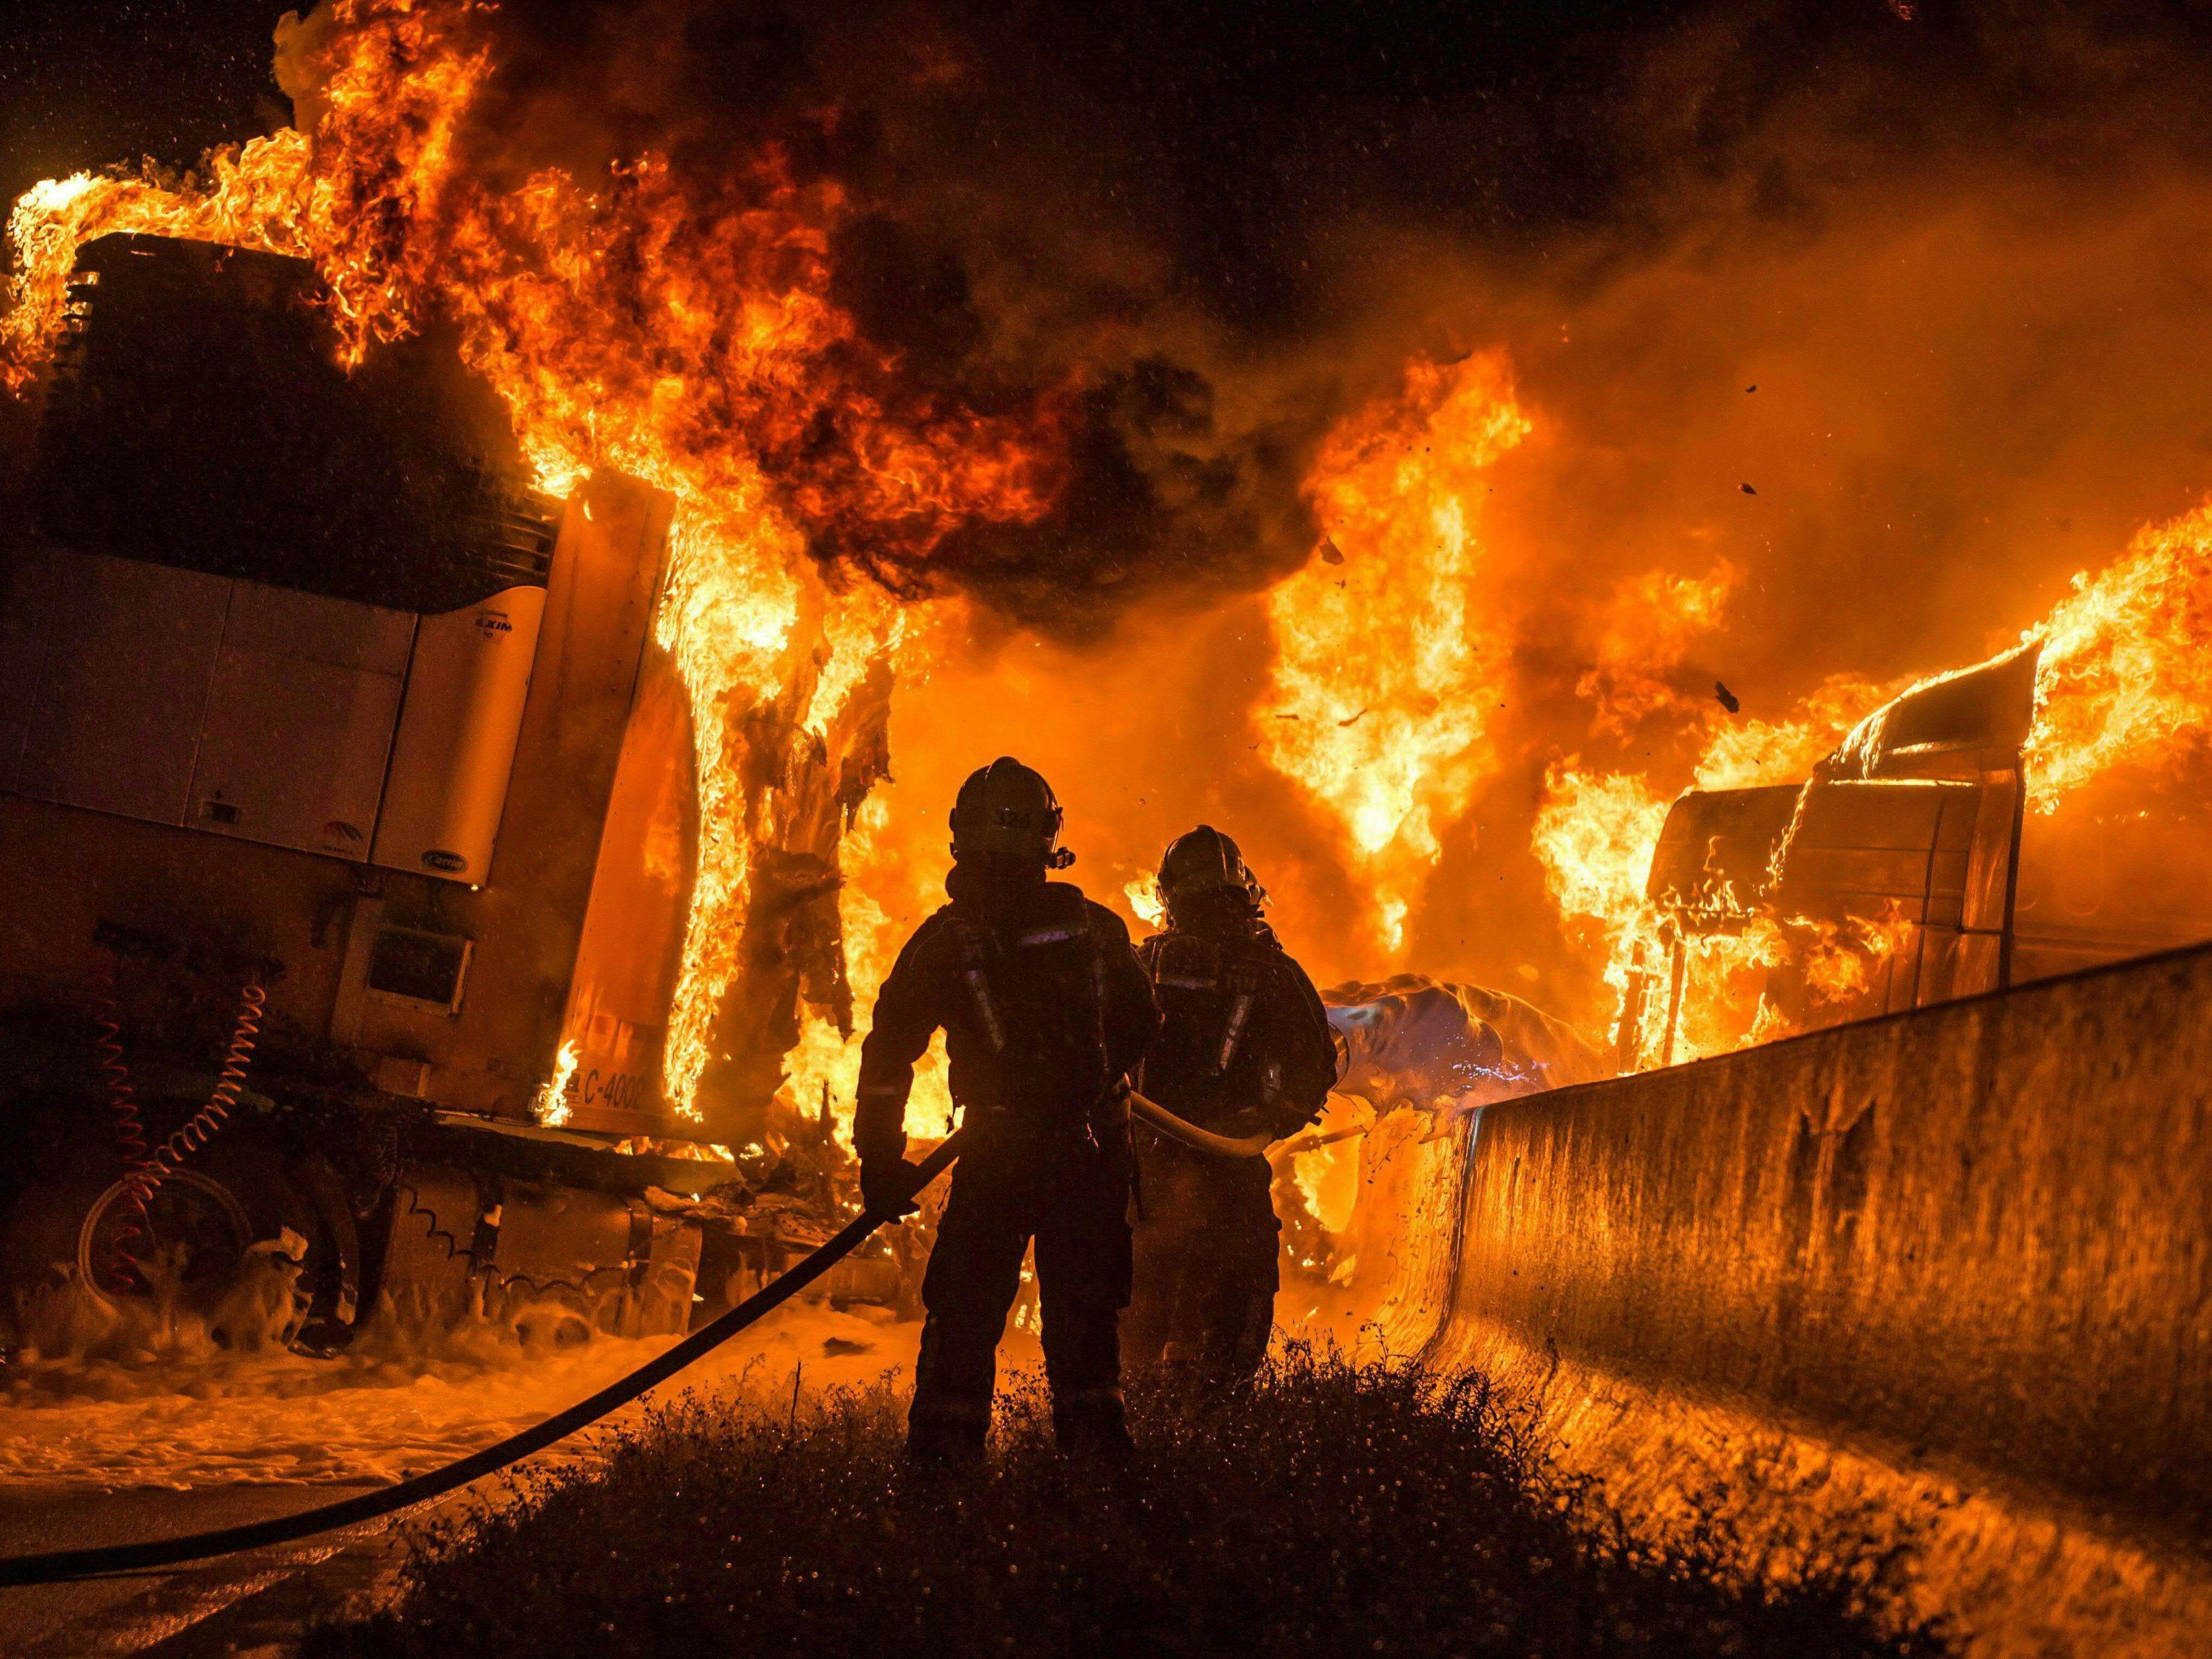 Der LKW brannte nach dem Unfall lichterloh.